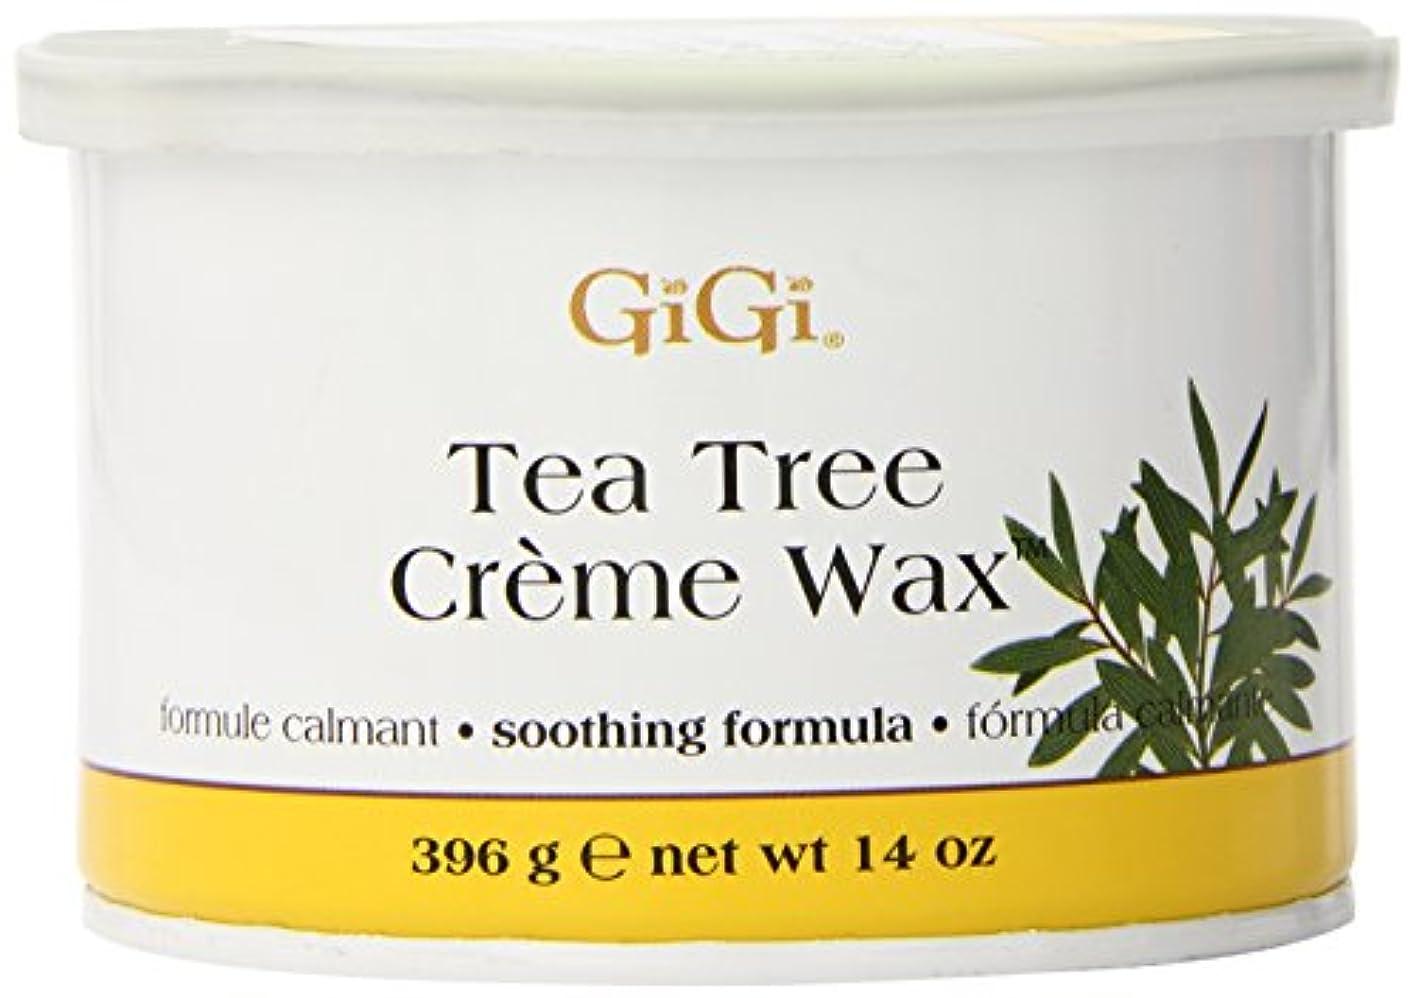 推進、動かす意外申請中GiGi Tea Tree Cream Wax A Soothing Hair Removal Formula 396g